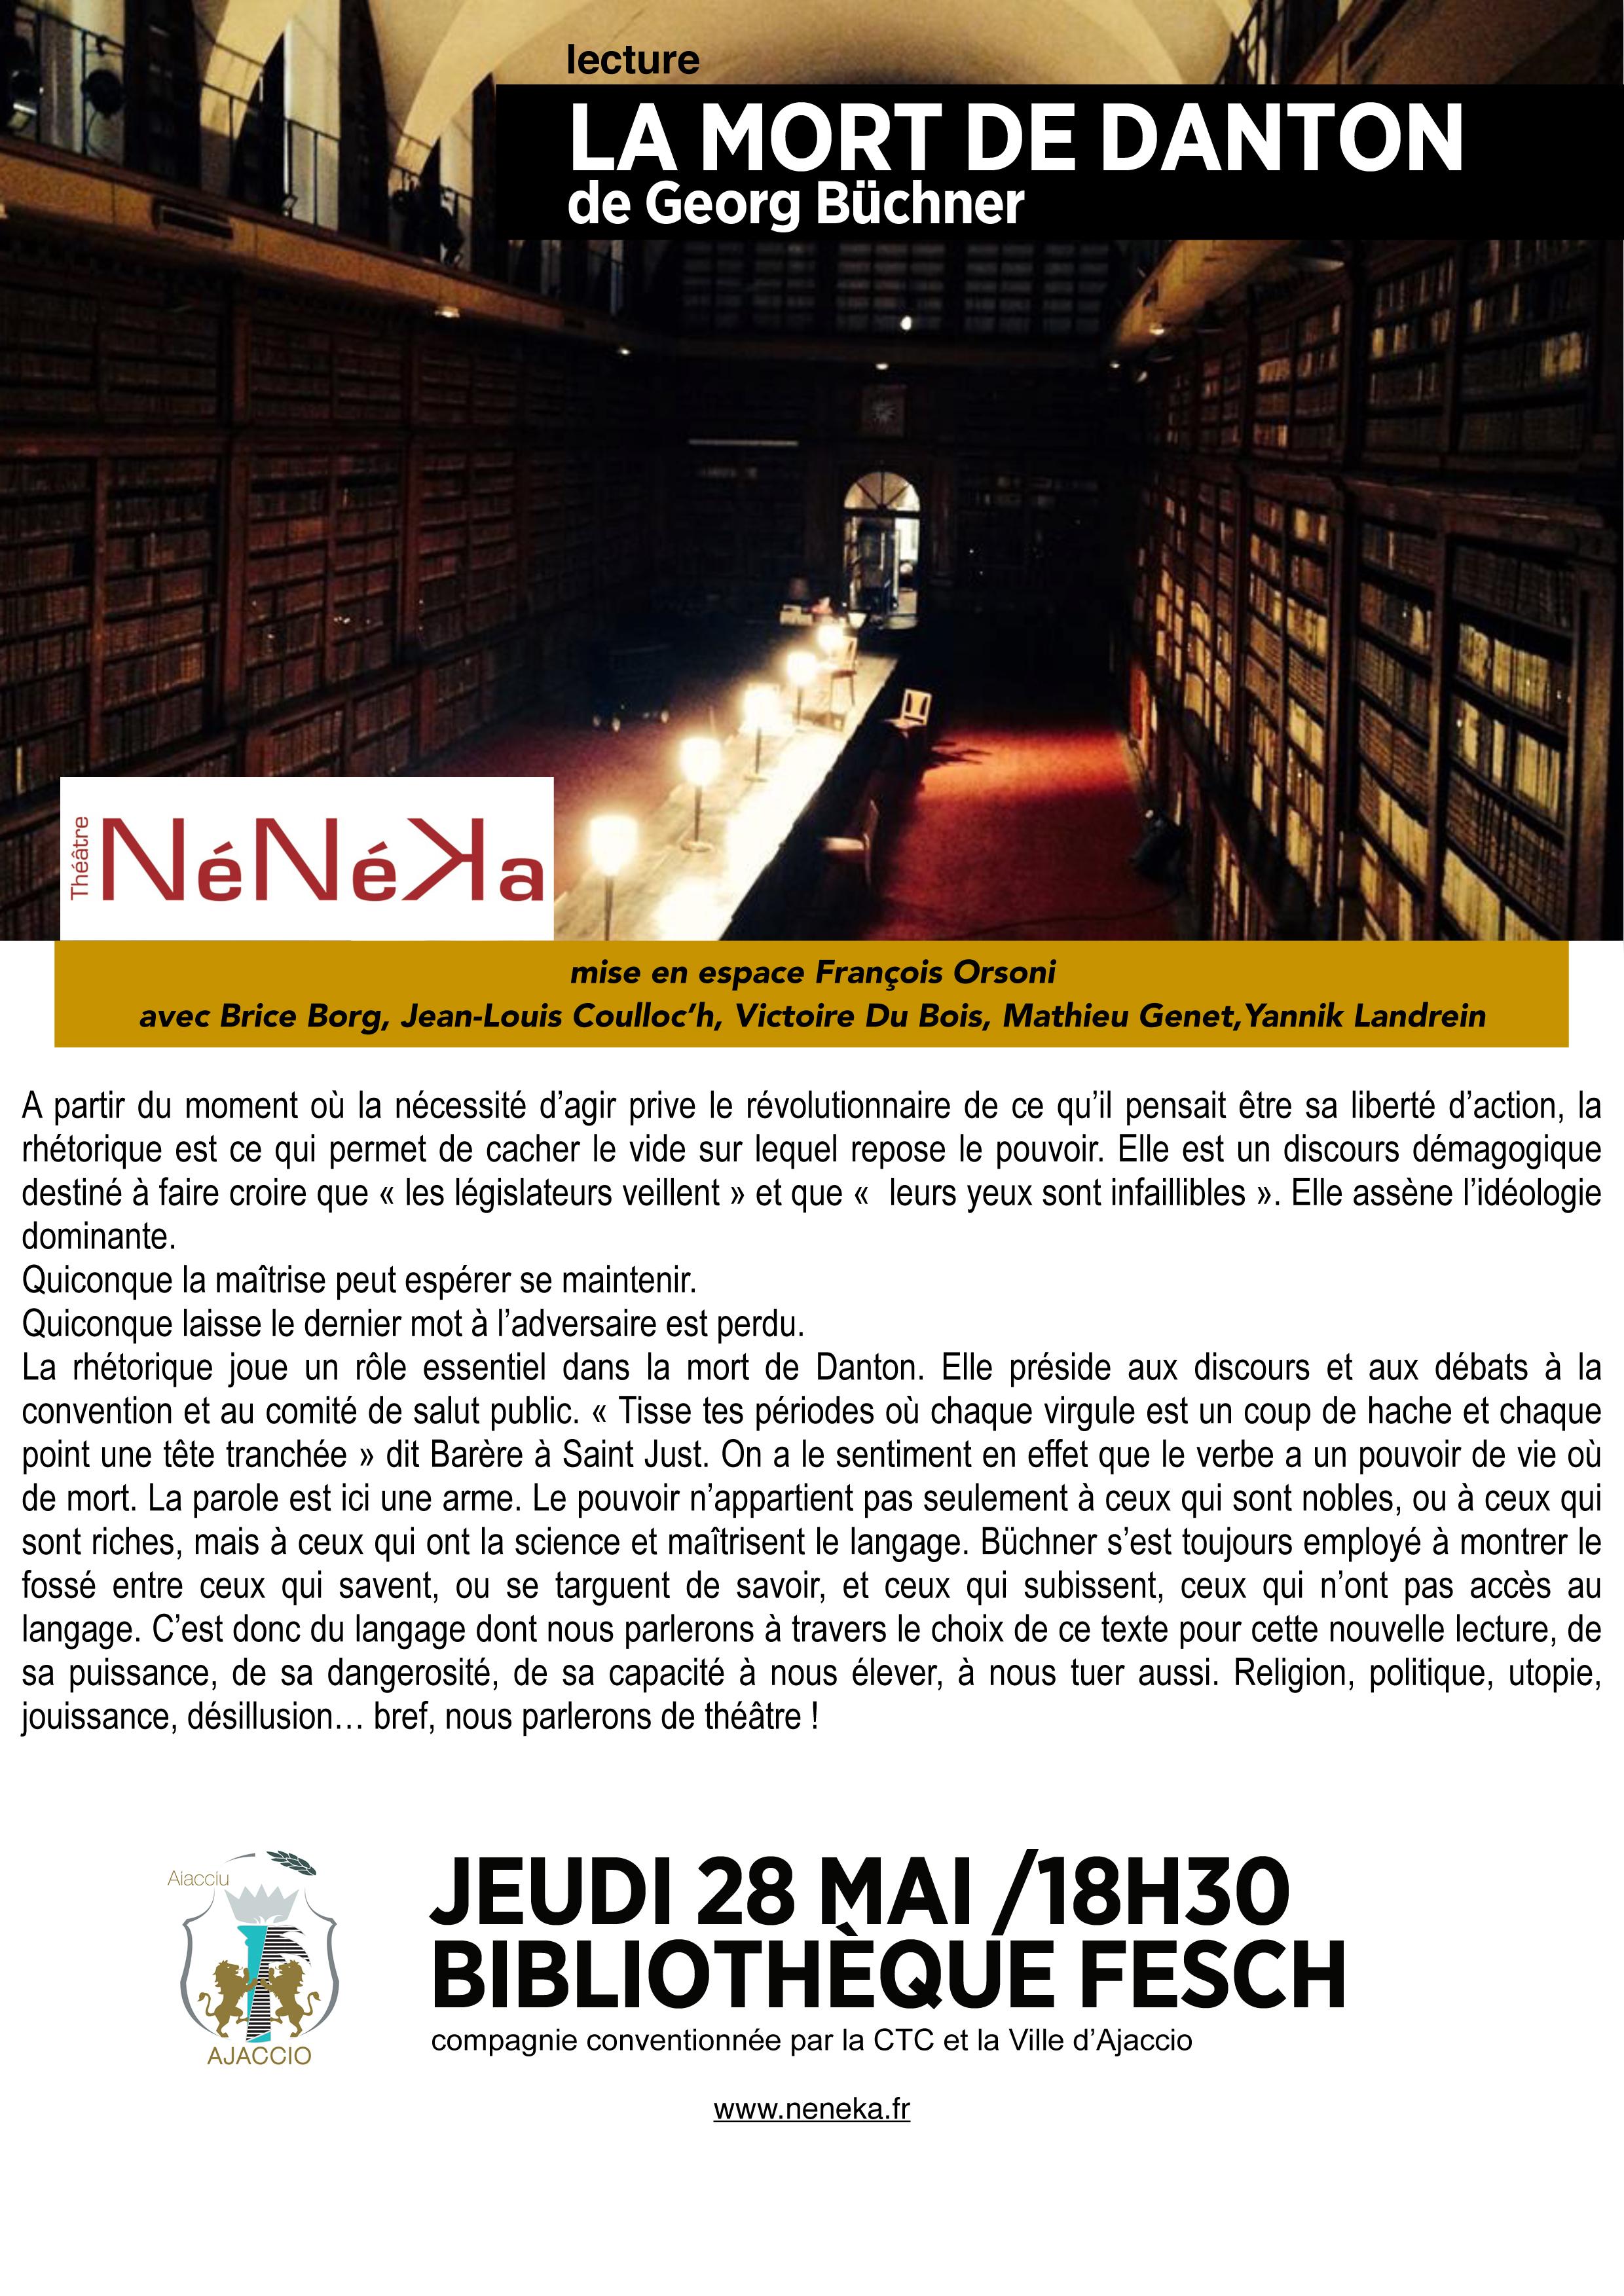 """Jeudi 28 mai / 18h30 / Lecture à la Bibliothèque Fesch / Théâtre NéNéKa / """"La mort de Danton"""" de Georg Büchner"""